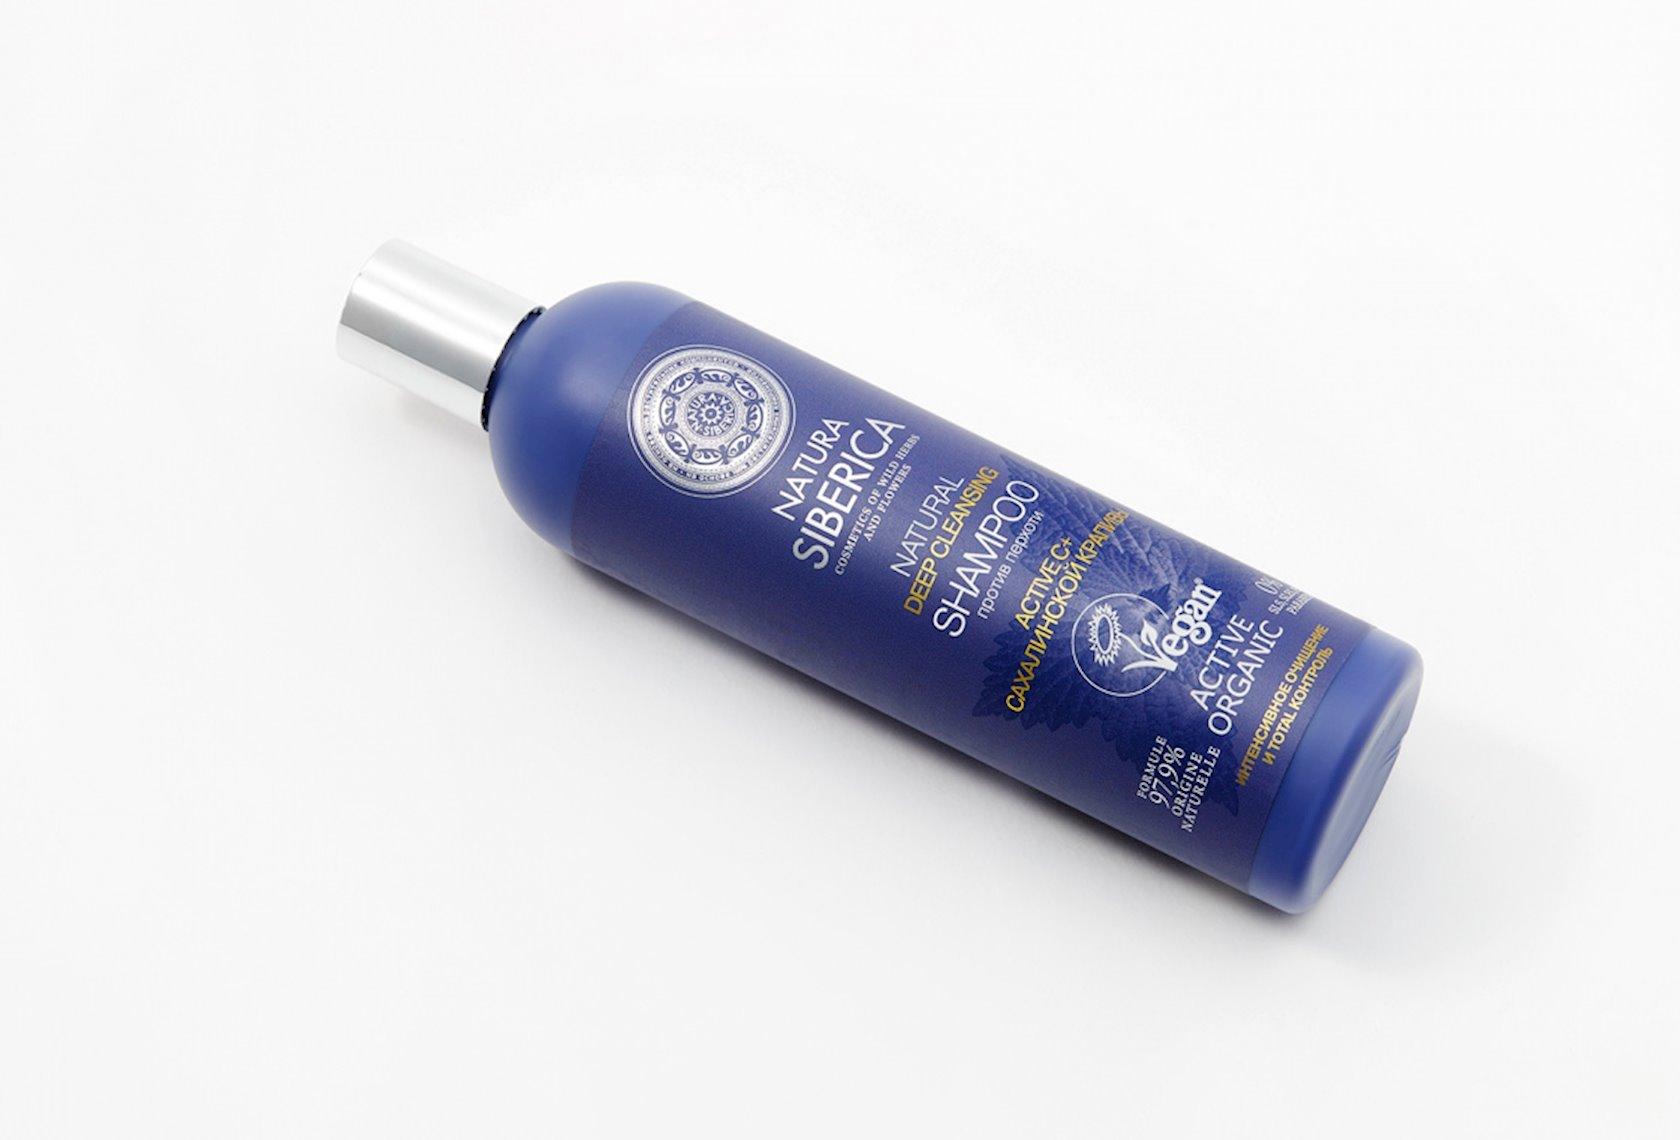 Şampun  Natura Siberica Deep cleansing, Kəpək Əleyhinə, 400 ml